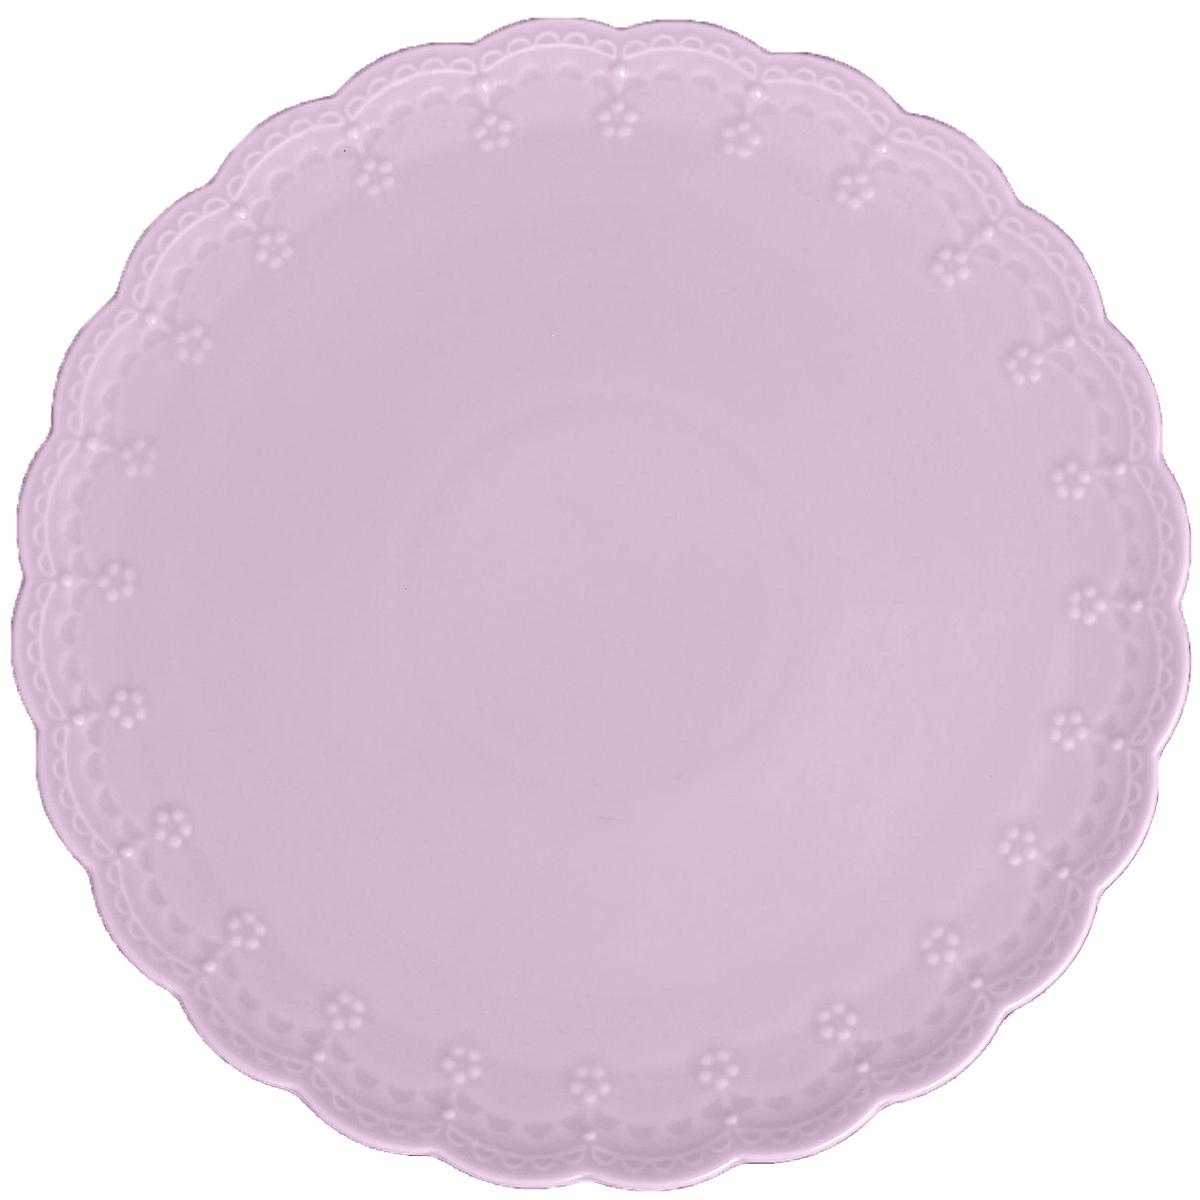 Блюдо для торта Lamart Dolci, цвет: розовый, диаметр 27 см869830Блюдо для торта Dolci розовое — отличный подарок, подчёркивающий яркую индивидуальность того, кому он предназначается. Некоторые вещи мы вряд ли когда-то купим себе сами. Но, будучи подаренными друзьями или родными, они доставляют нам массу удовольствия. С одной такой вещи может начаться целая коллекция. Только у нас вы можете купить оптом данный товар по столь привлекательной цене.